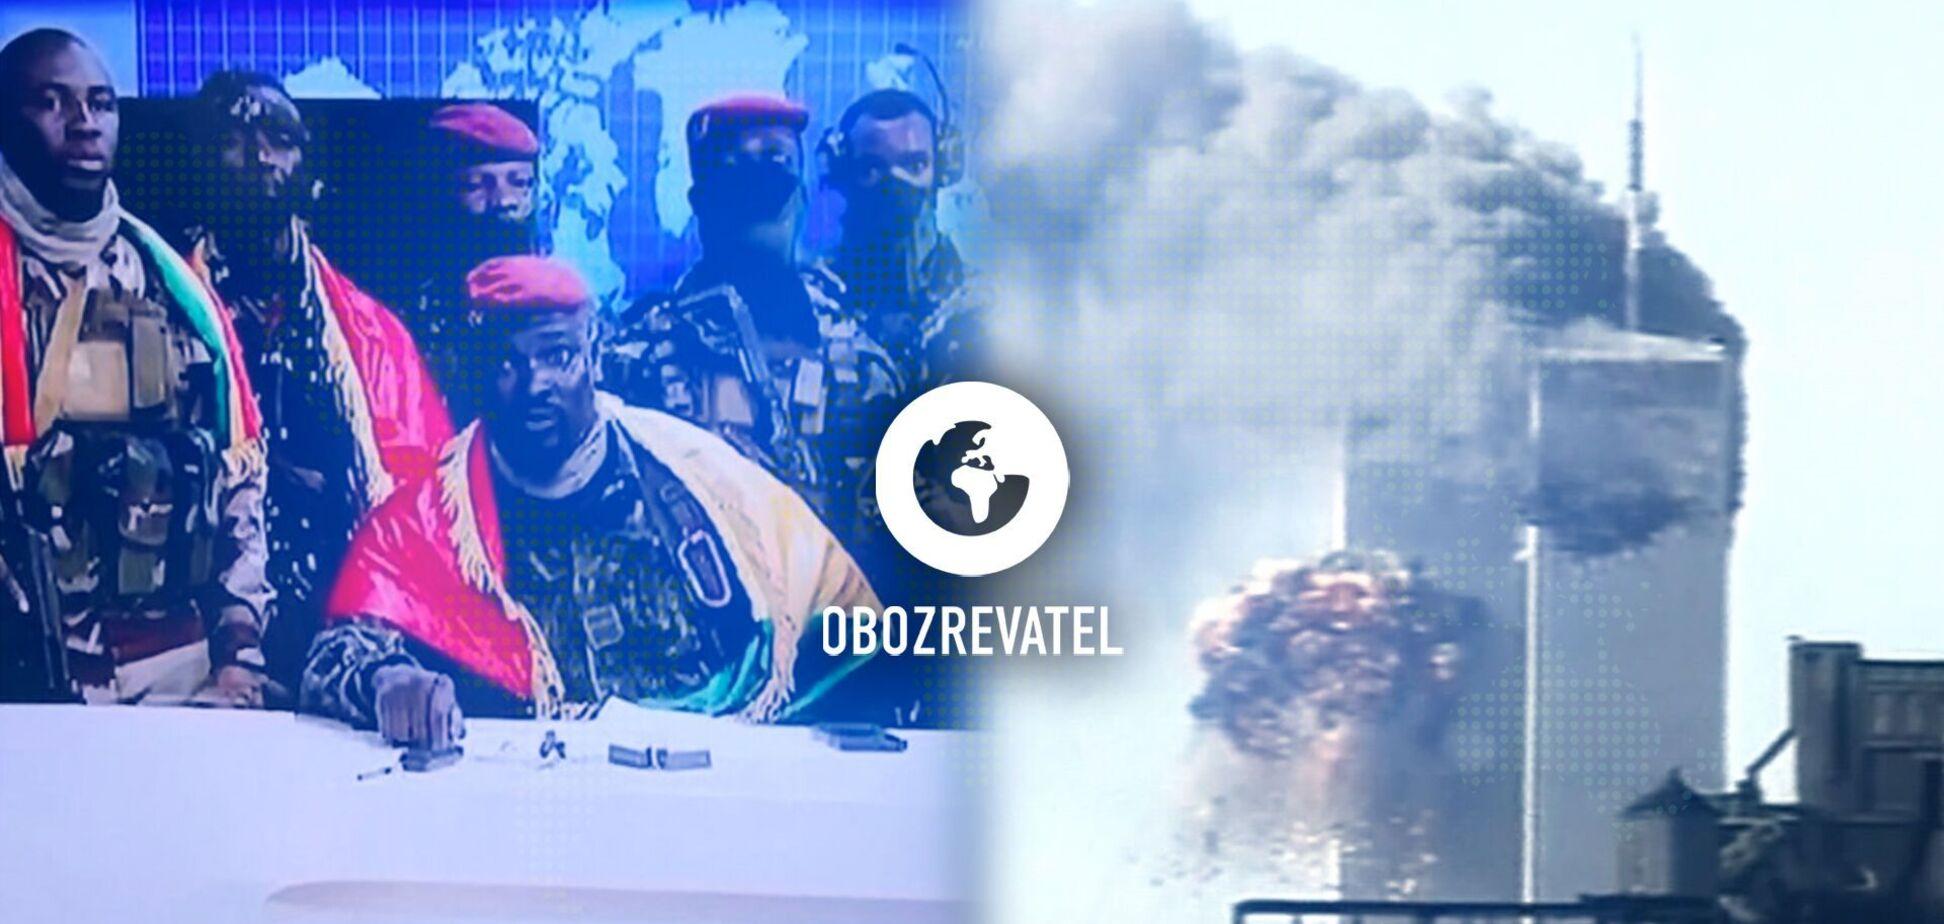 Смертельна ДТП у Єгипті, державний переворот у Гвінеї, афганські біженці та розсекречення матеріалів щодо терактів 11 вересня 2001 року – дайджест міжнародних подій